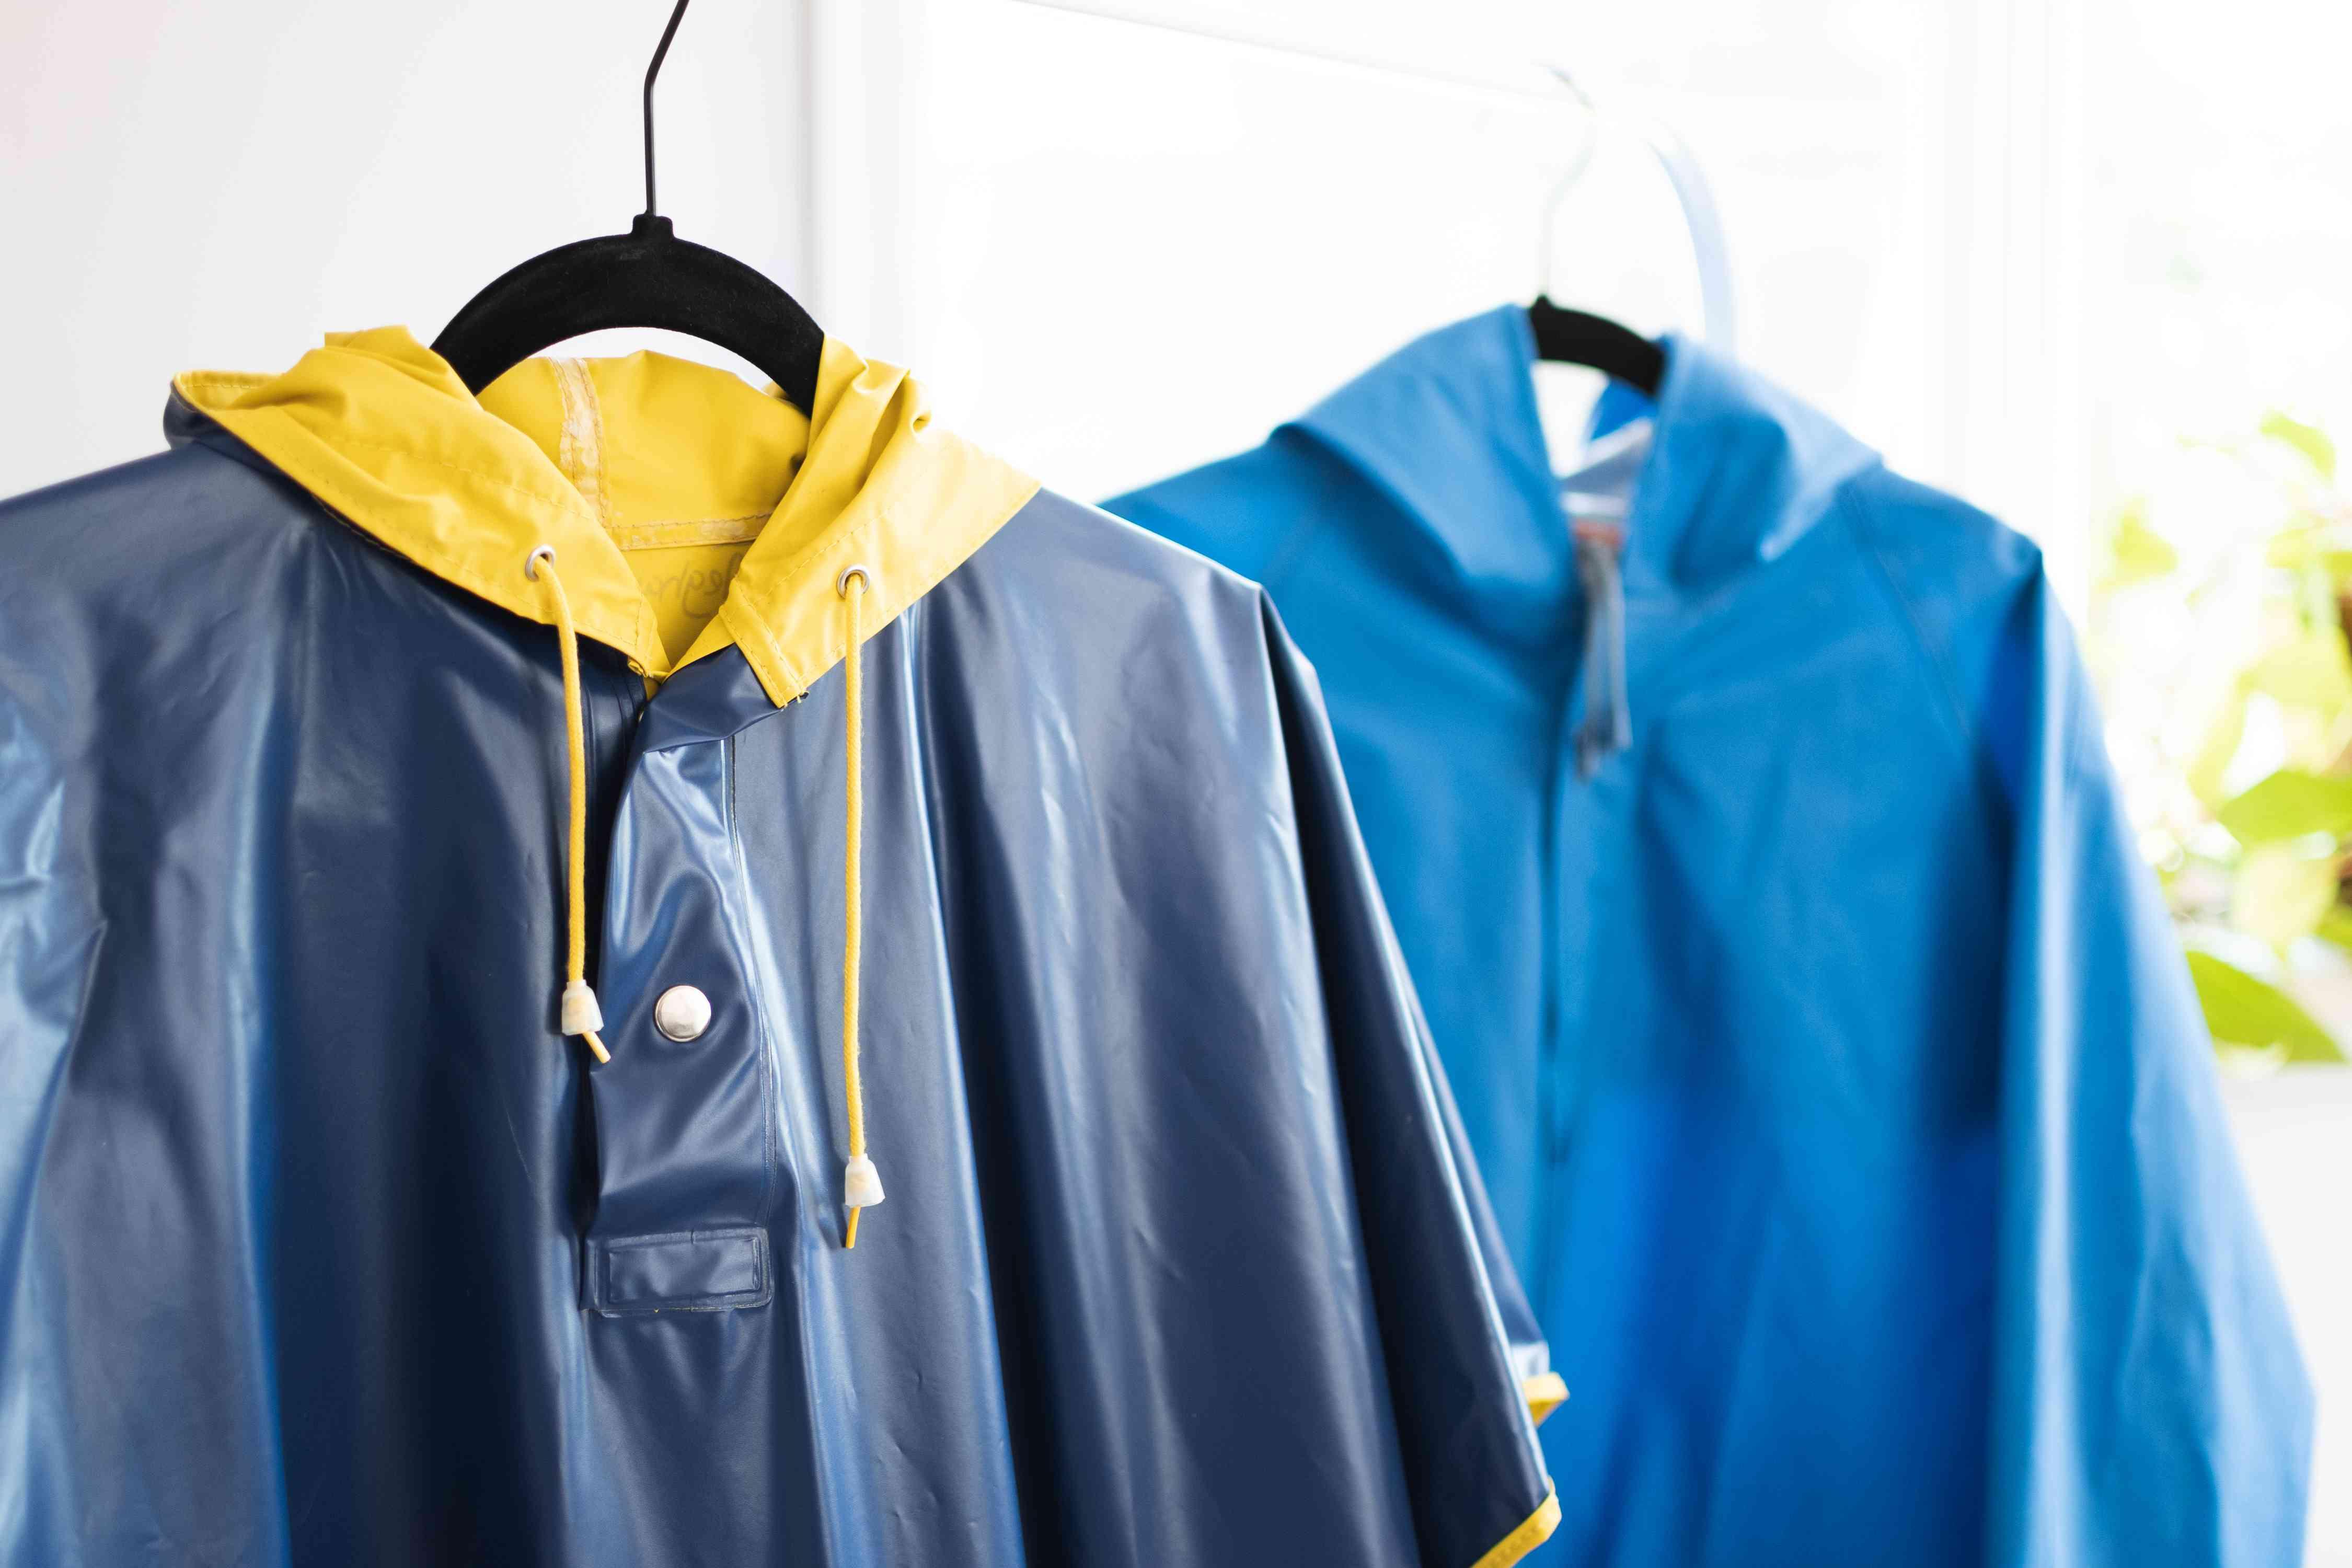 Vinyl and rubber rain coats hanging on black hangers